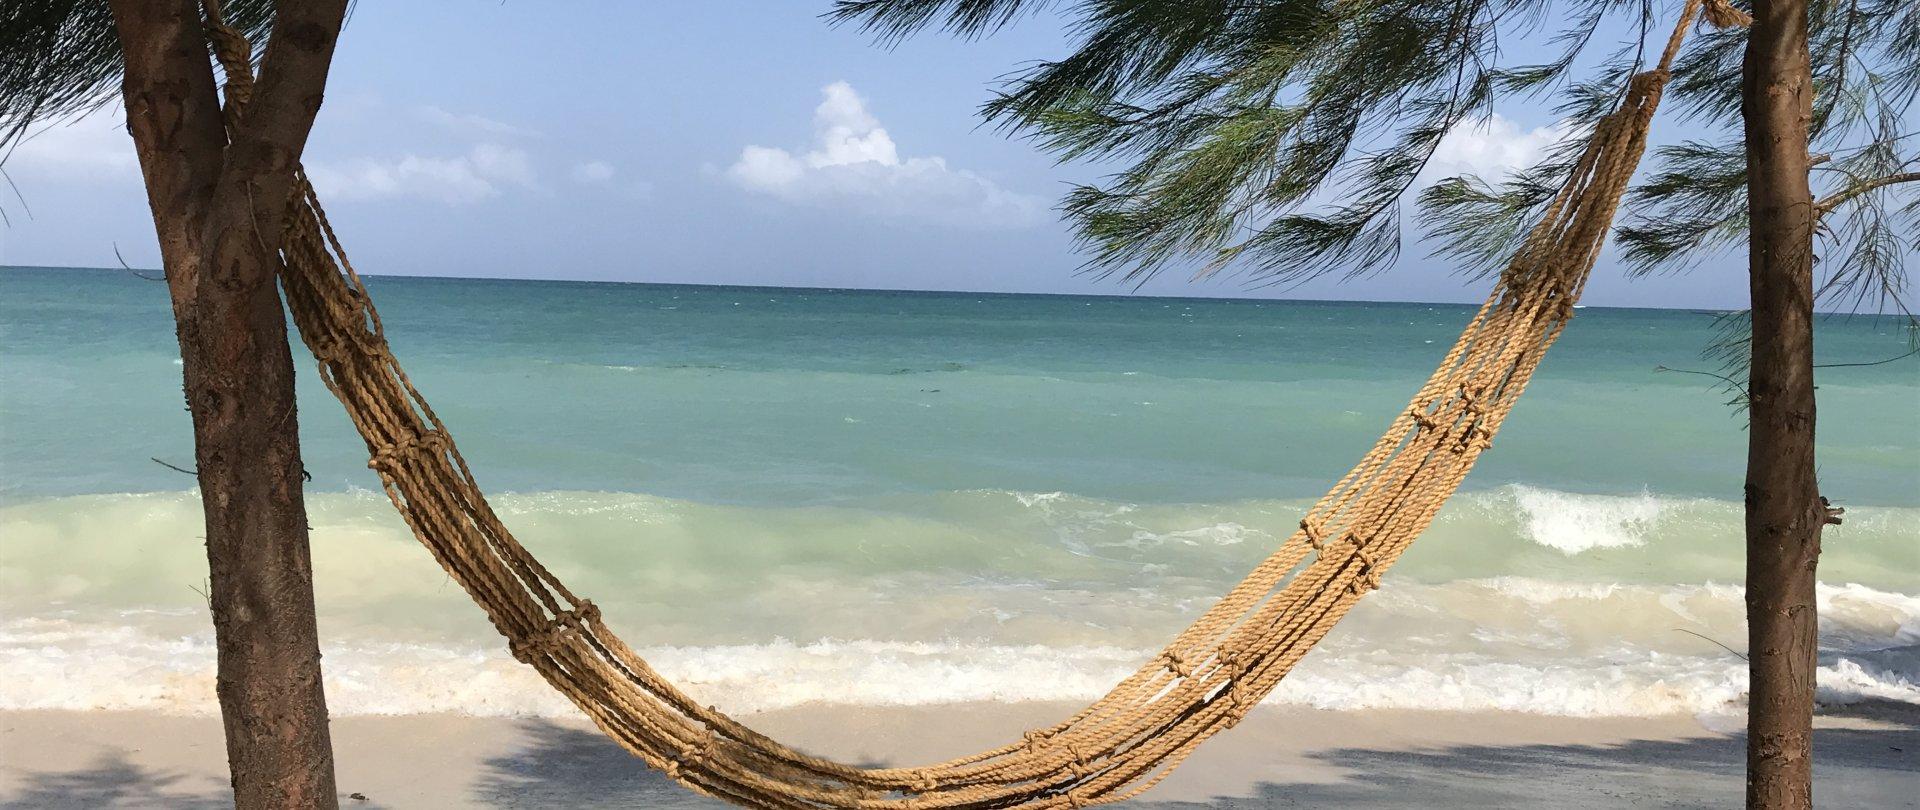 Wypoczynek na Kenijskim Wybrzeżu